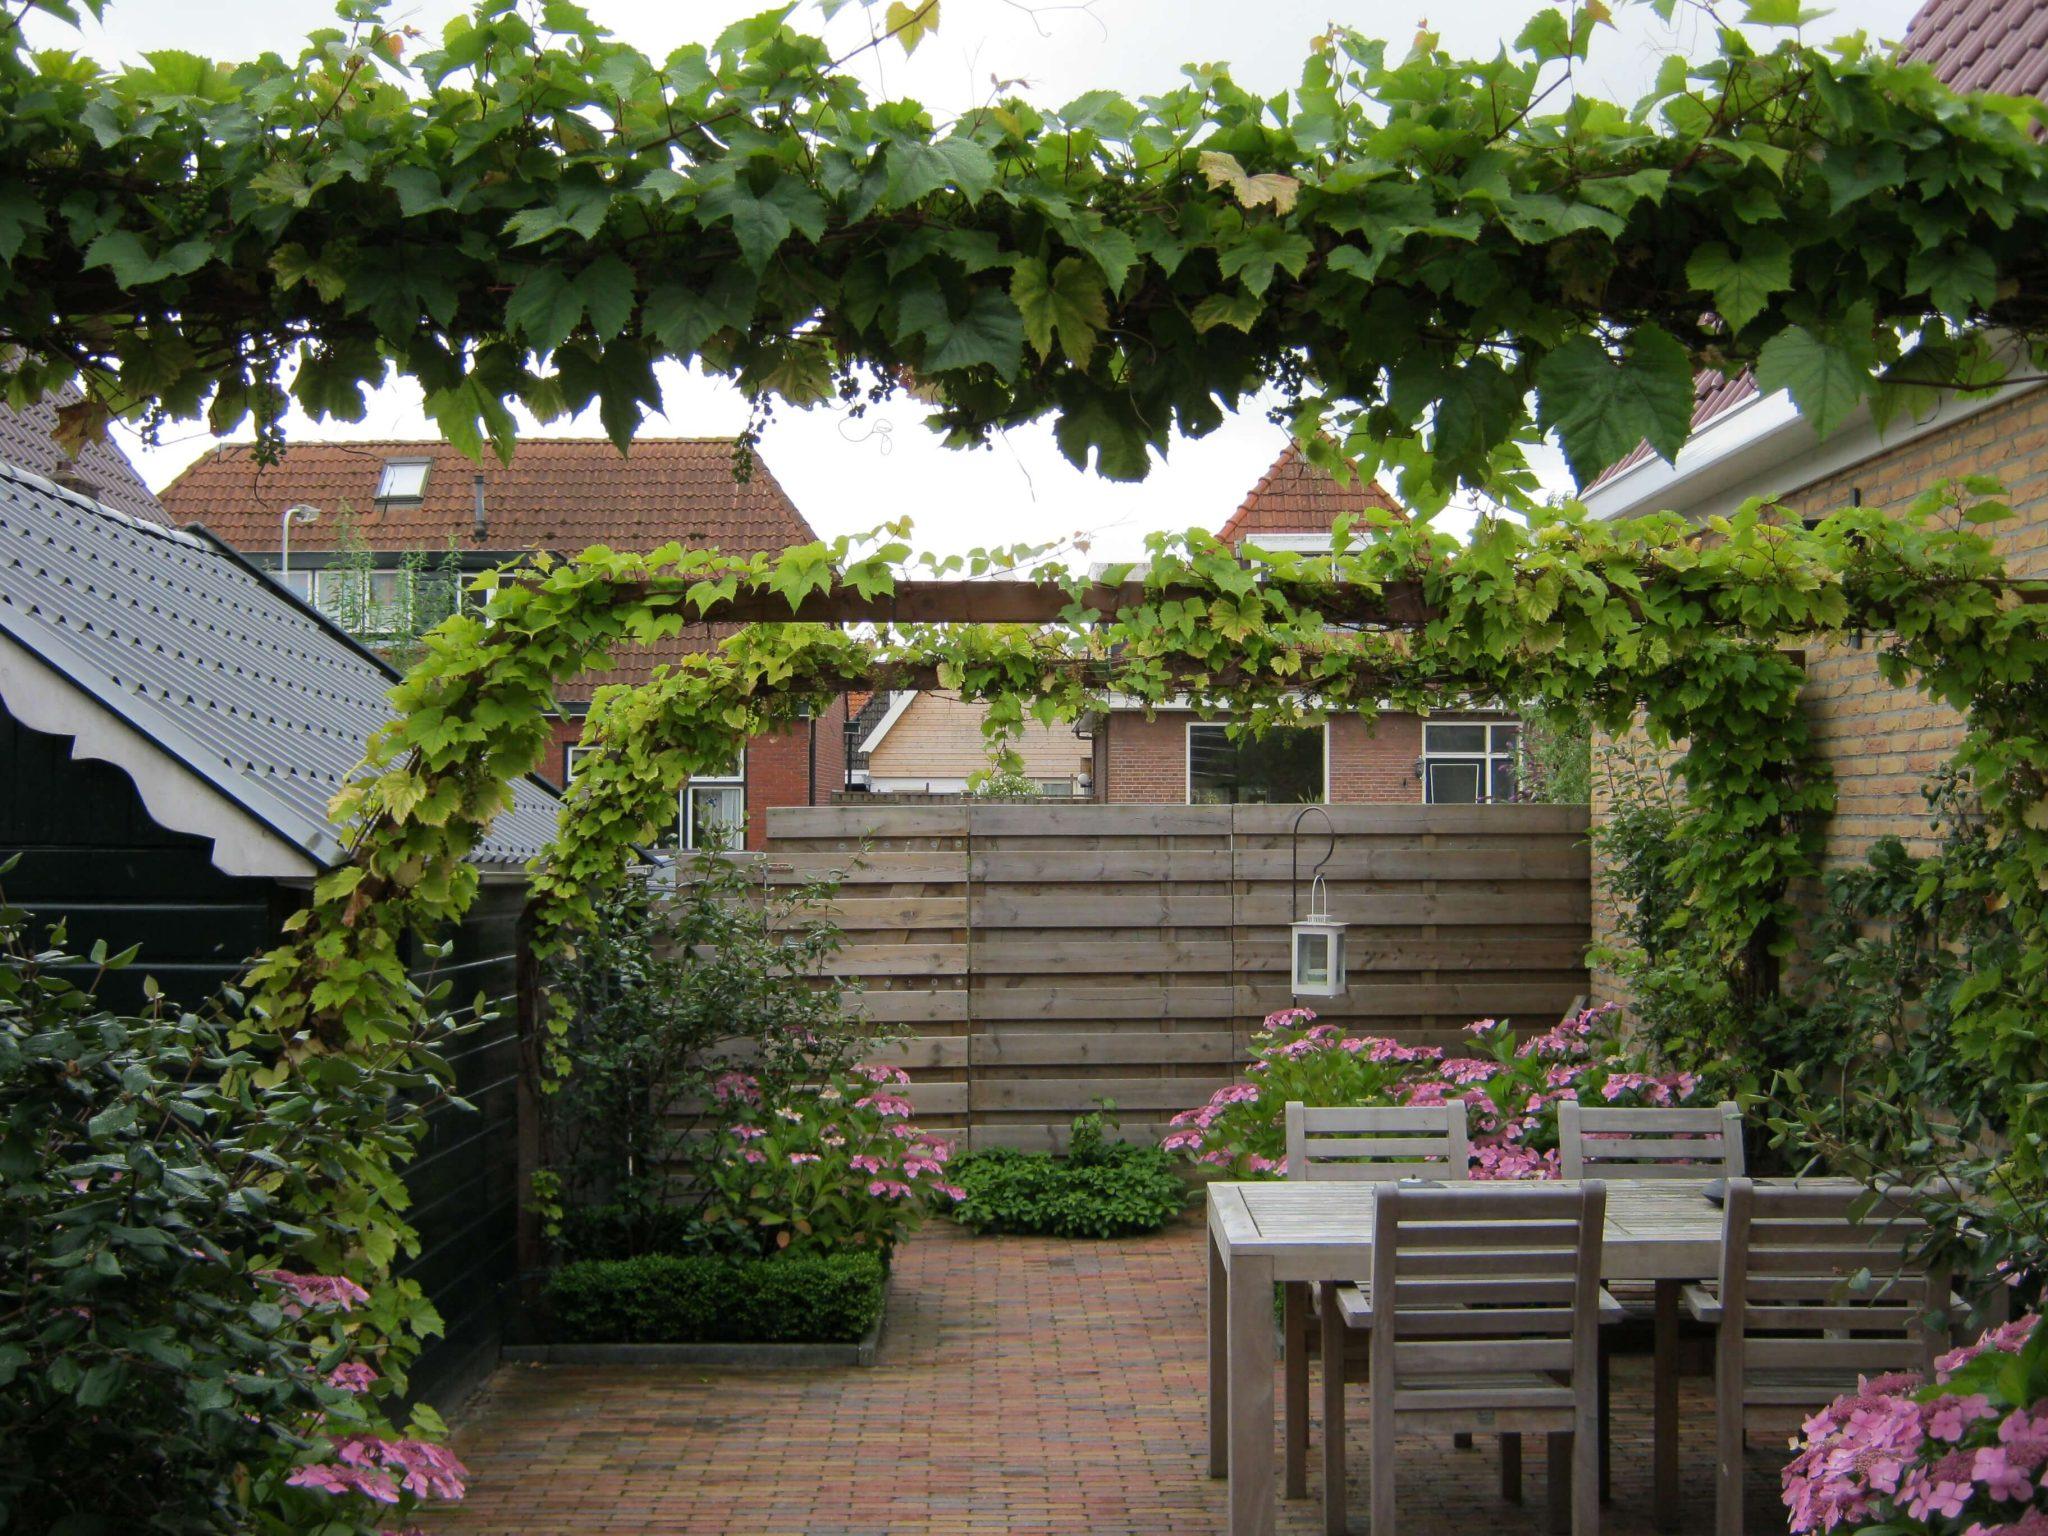 Stadstuinen marijke hulzenga tuinontwerp for Stadstuinen voorbeelden